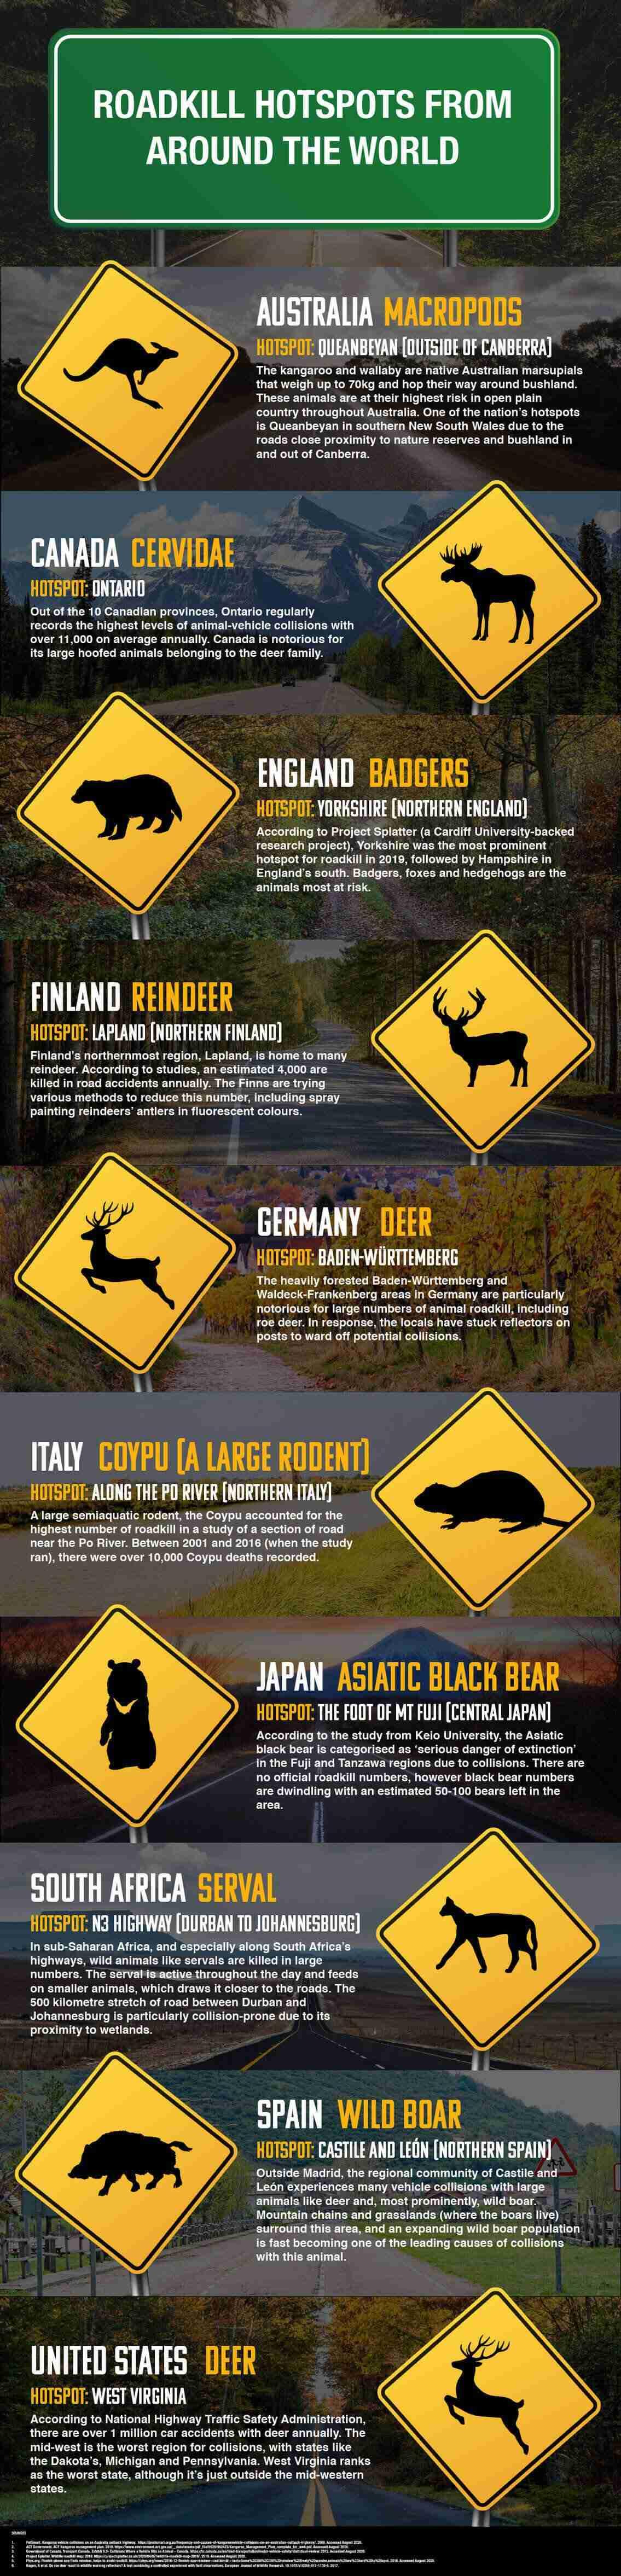 Roadkill Hotspots From Around the World